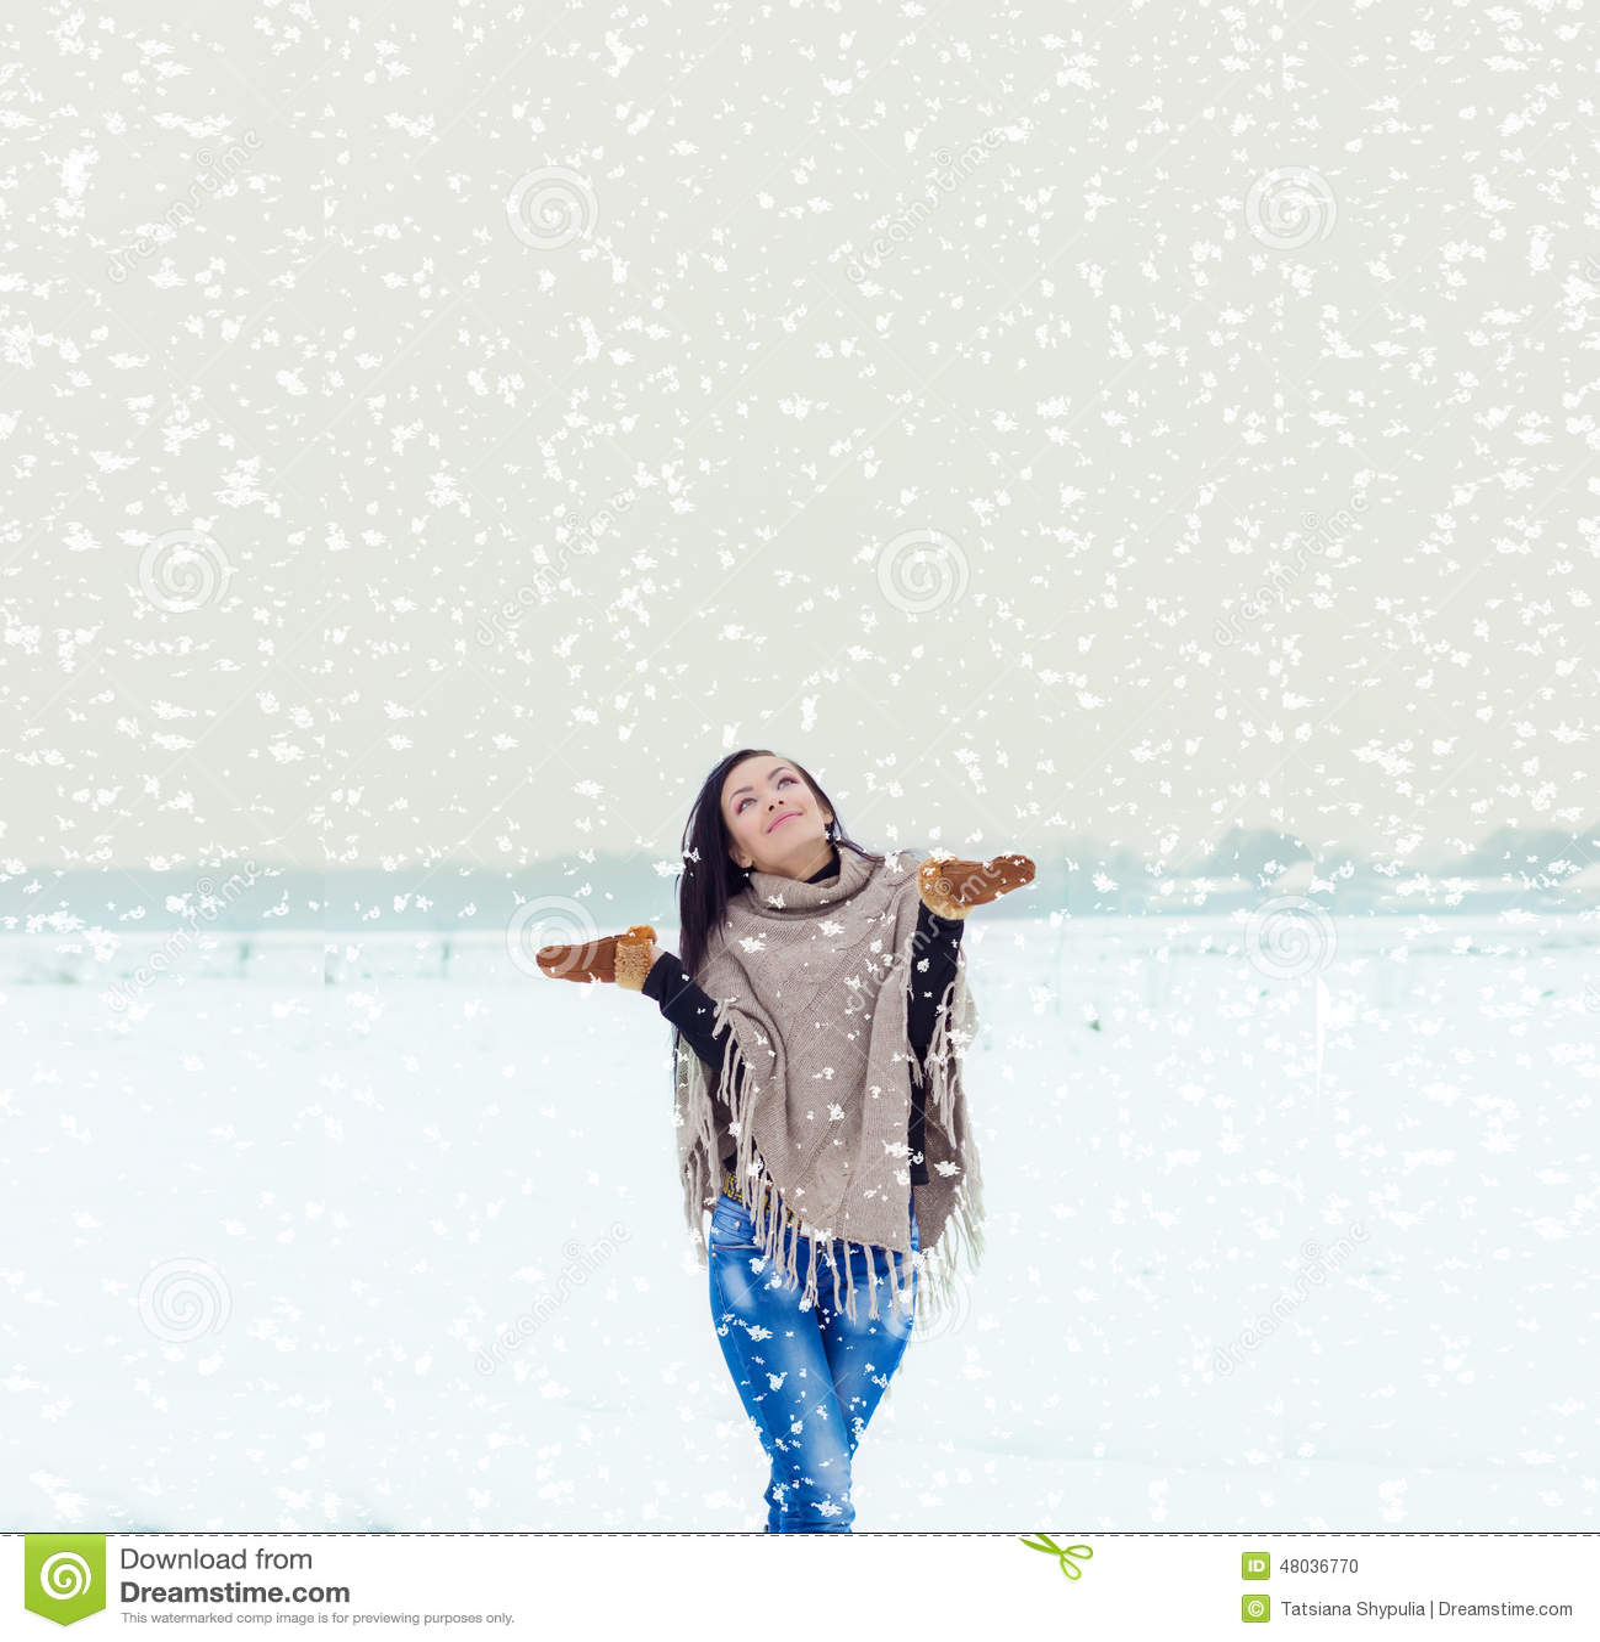 зимняя картинка я счастлива